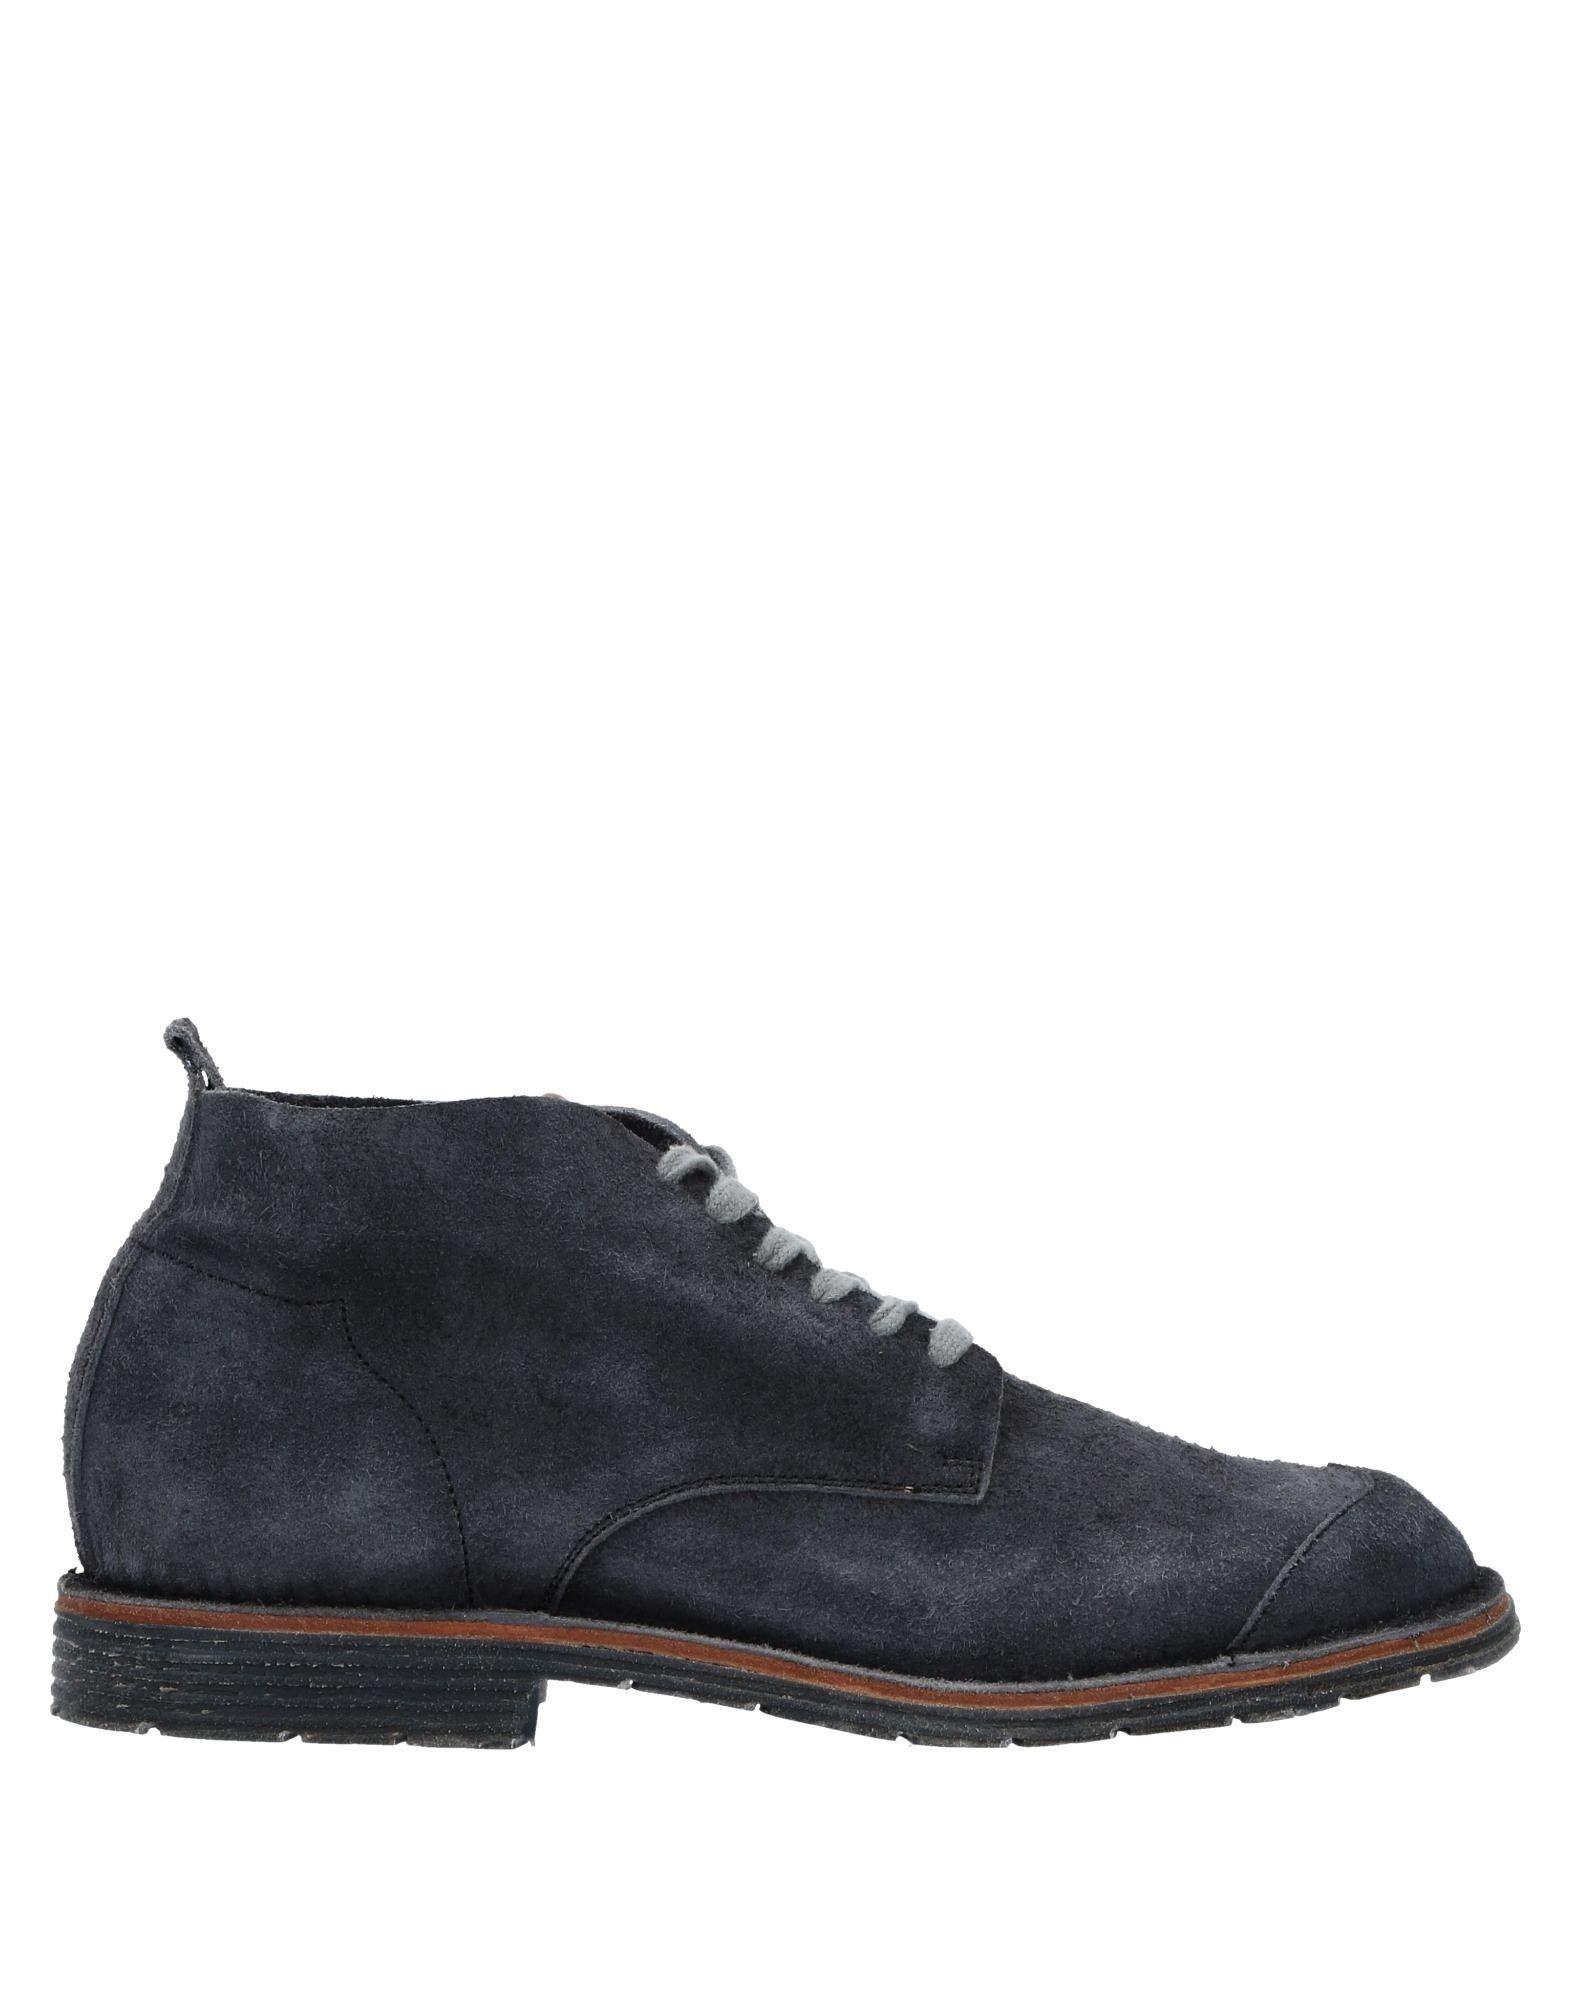 Buttero® Stiefelette Herren  11533165XU Gute Qualität beliebte Schuhe